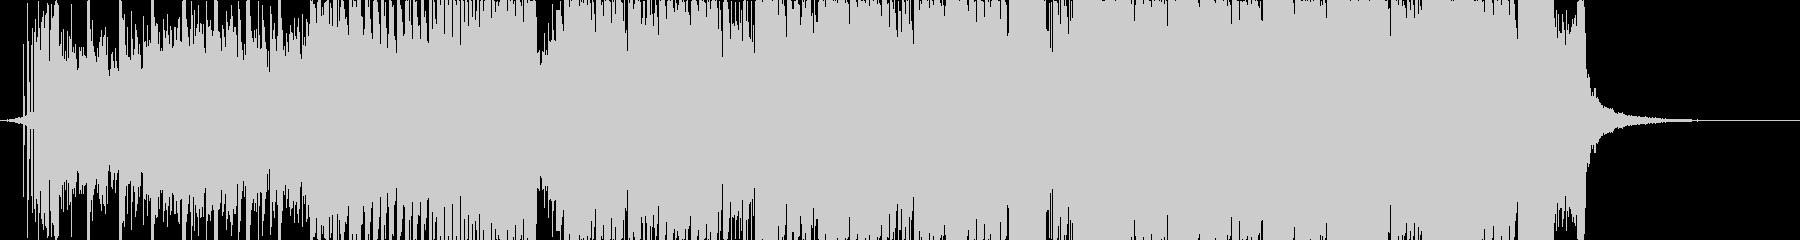 チップチューンっぽいドラムンベースの未再生の波形